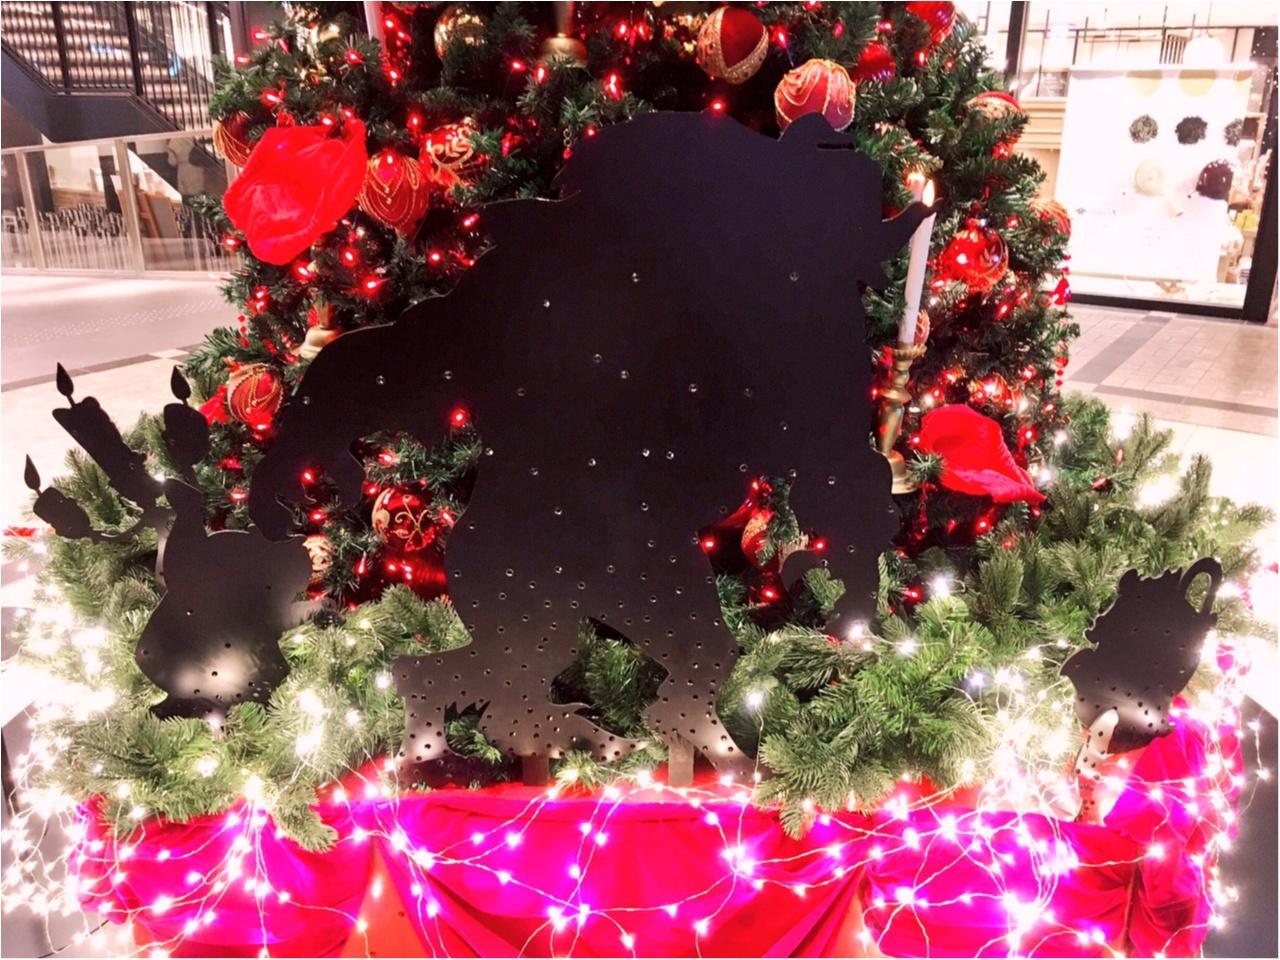 ディズニー映画『美女と野獣』がテーマの 『TOKYU PLAZA GINZA CHRISTMAS 2016』を写真たっぷりでご紹介しちゃいます♡_5